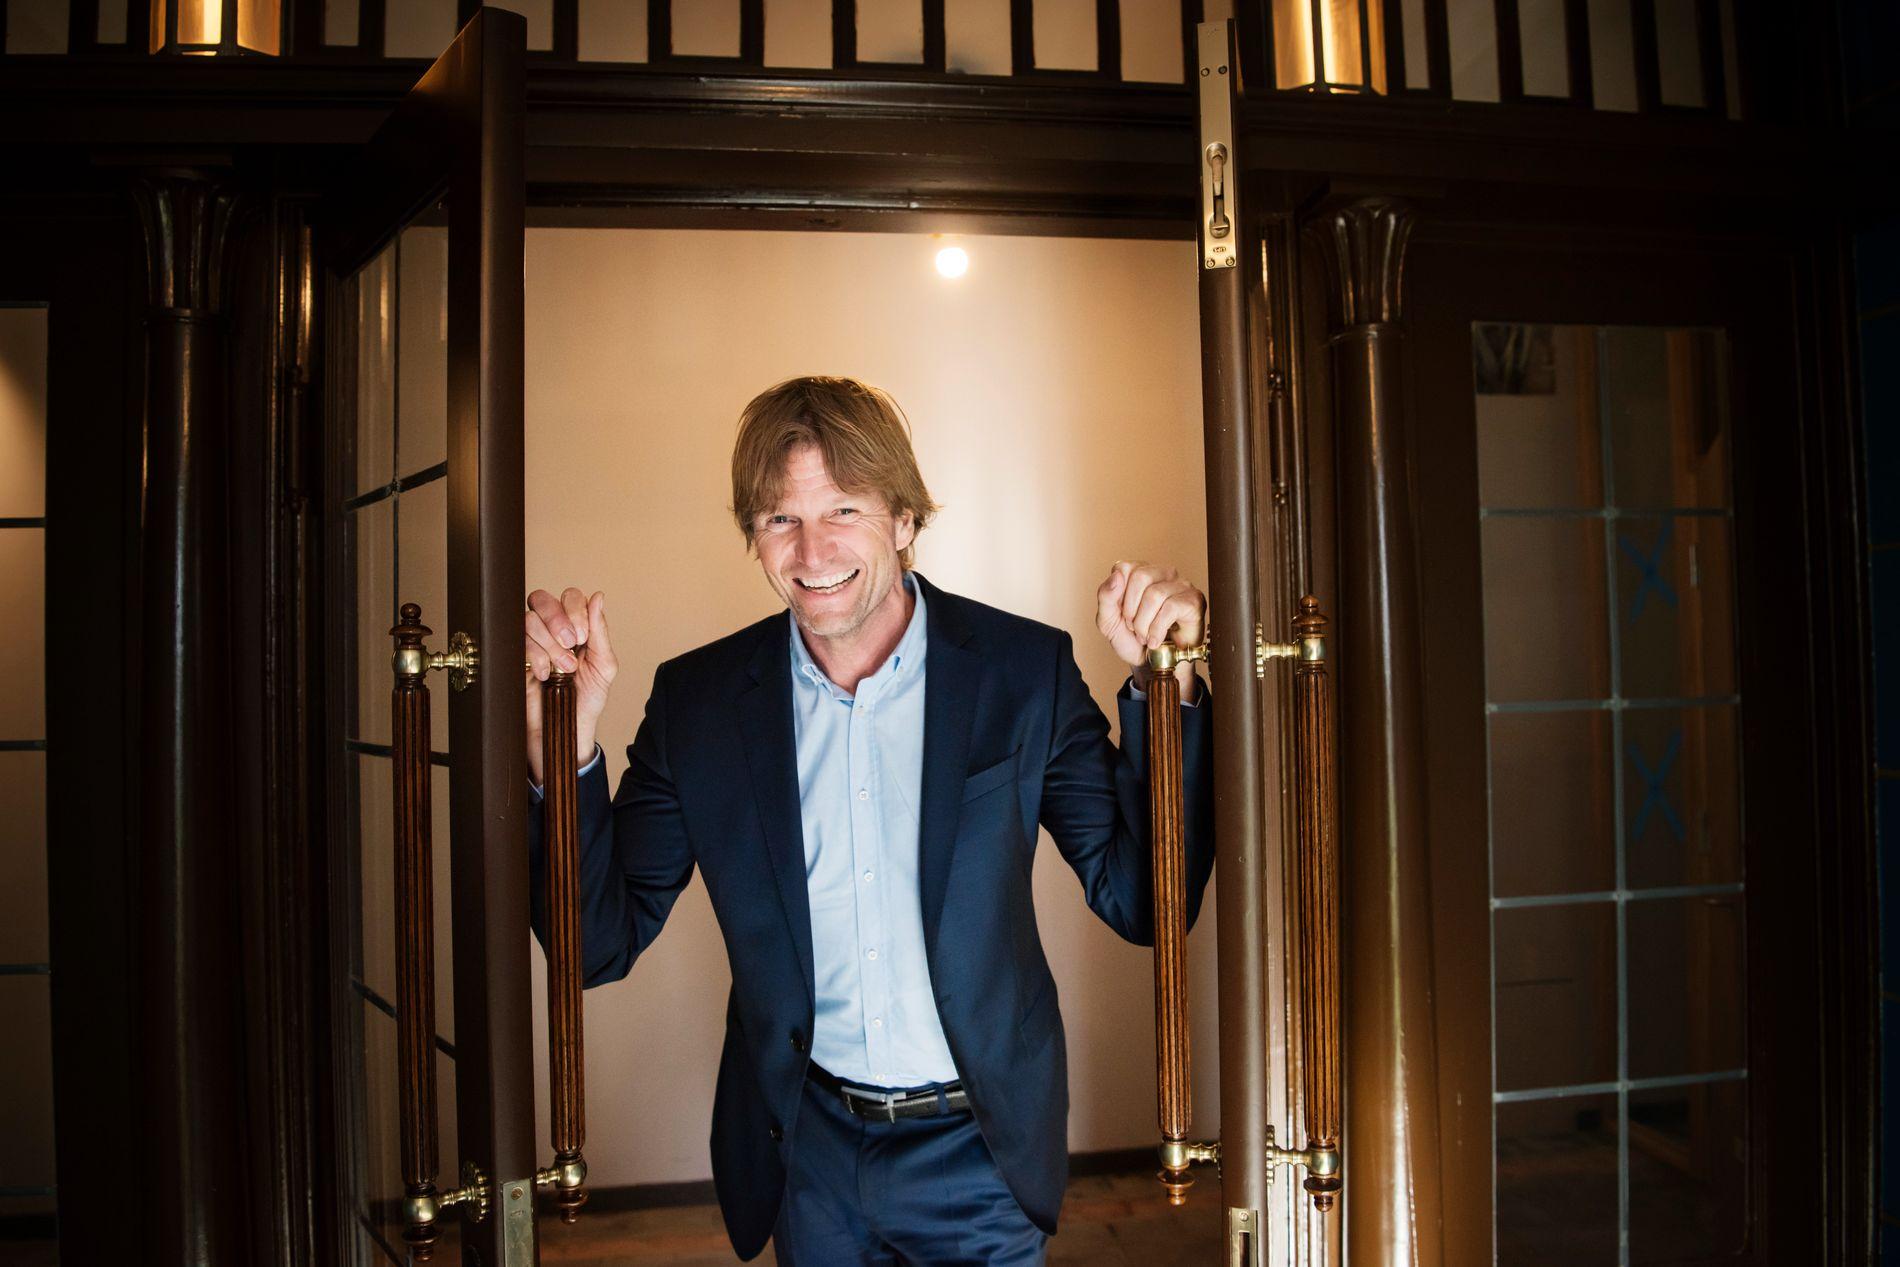 BIEBER I HUS: Forretningsmann og tidligere volleyballproff Bjørn Maaseide skal ha lånt ut huset sitt til Justin Bieber.